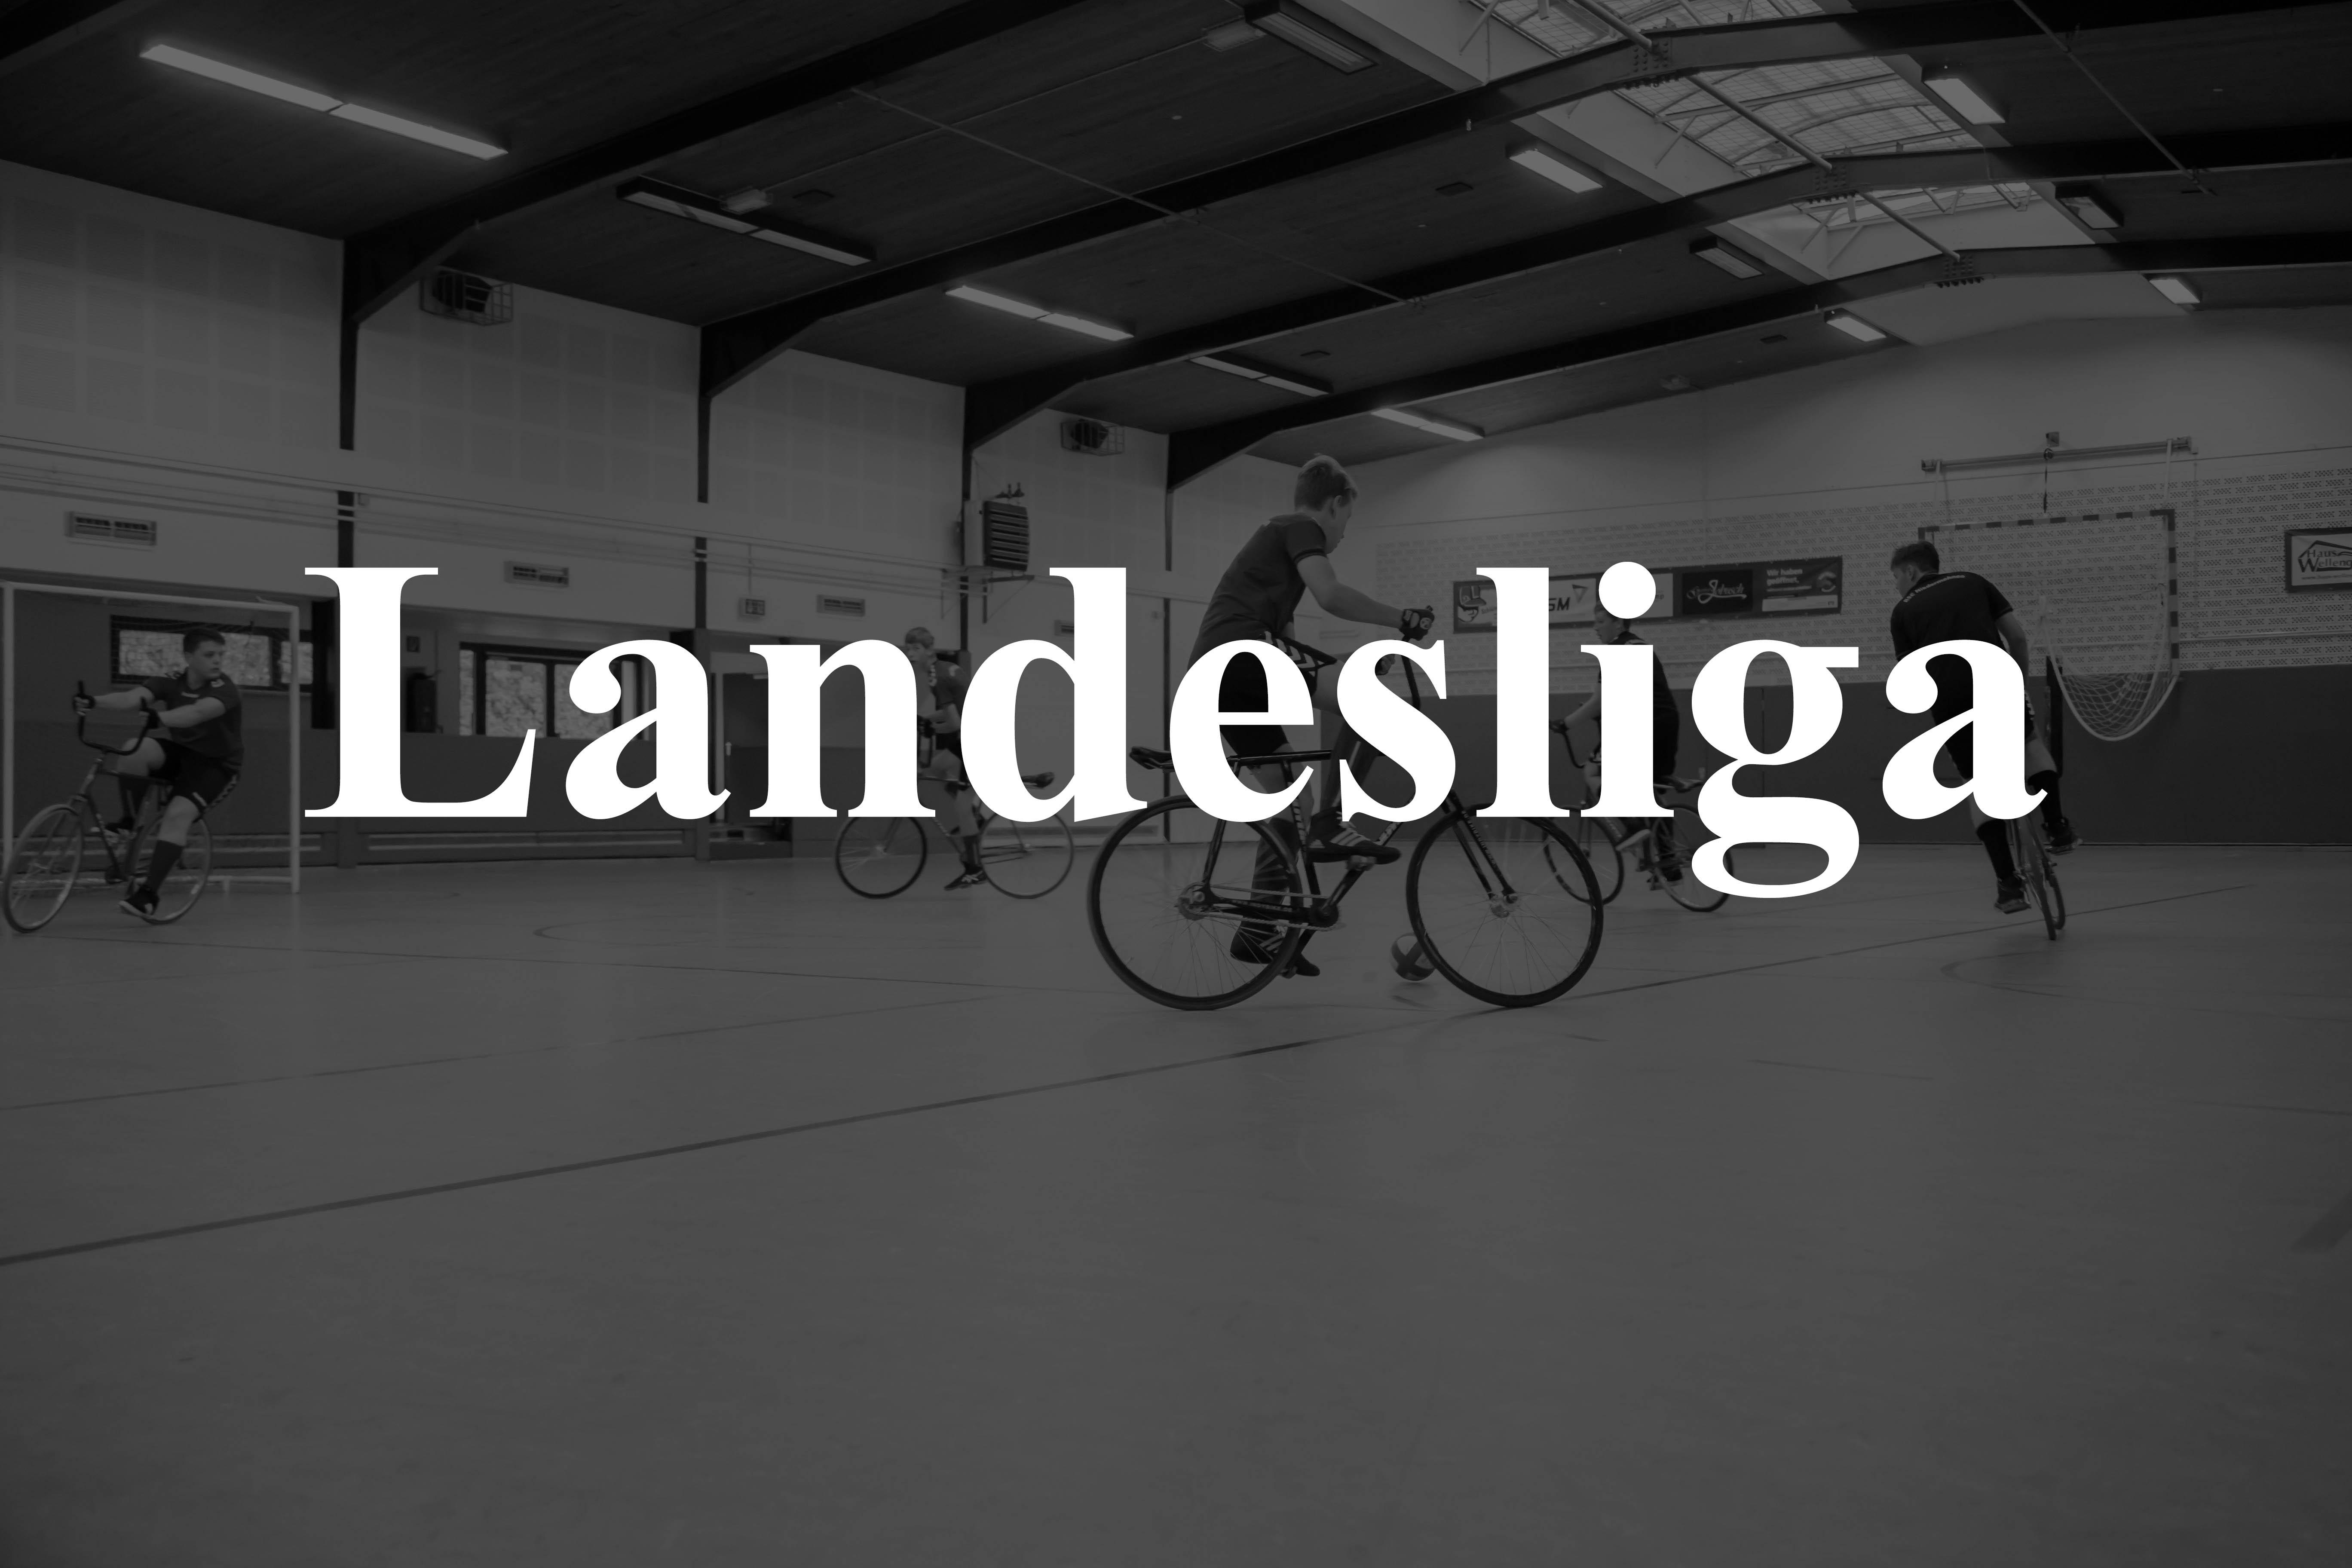 Radball Landesliga Spieltagslogo